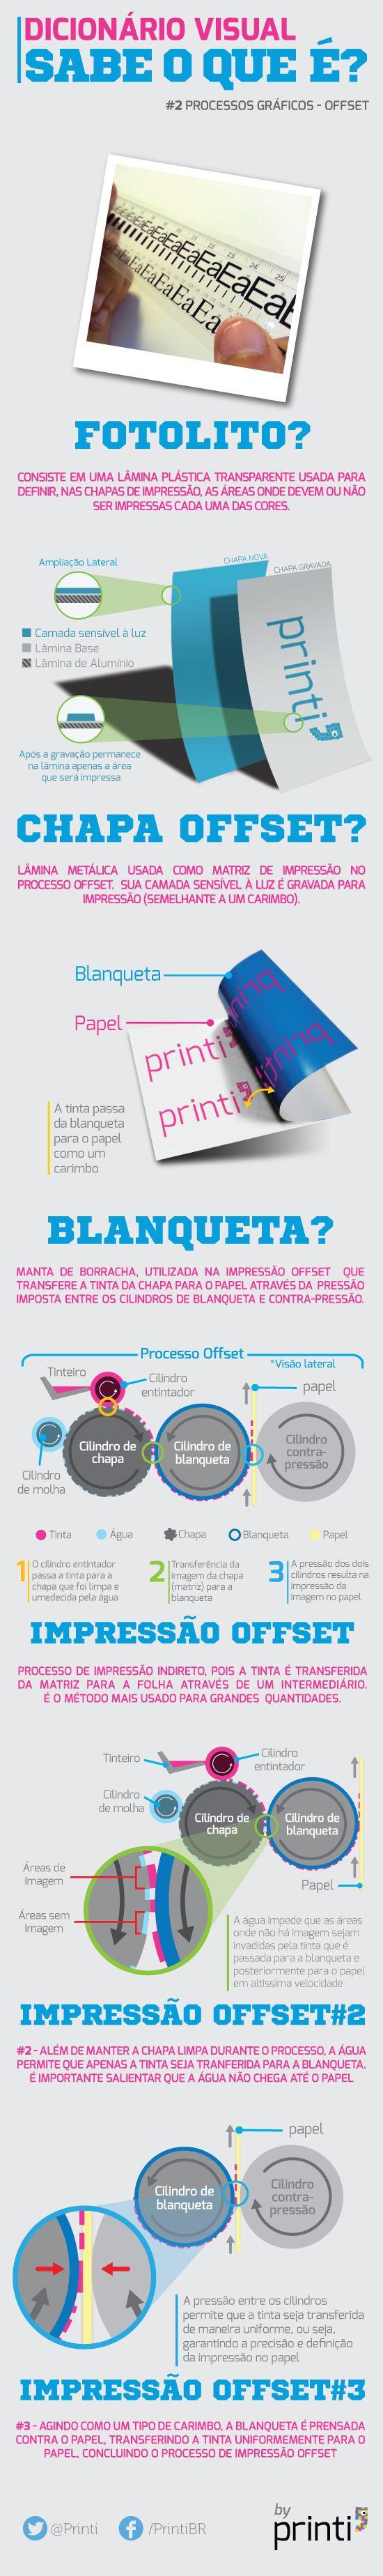 Infográfico Dicionário Visual Processo Gráfico